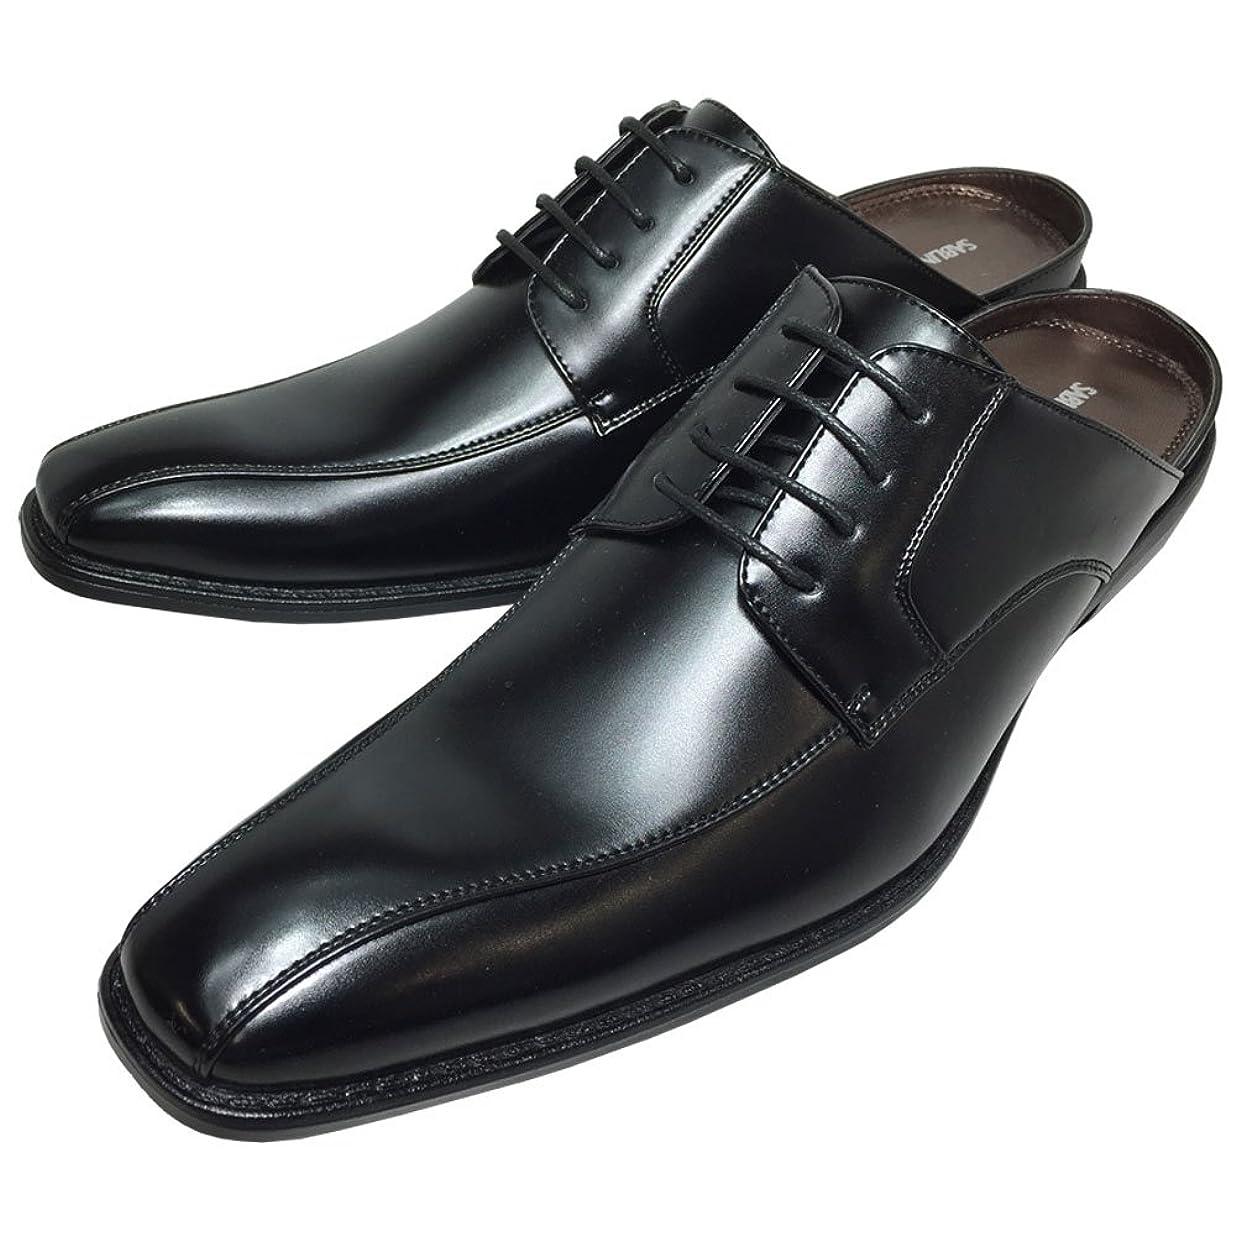 余剰ホップ木材SABLINA VALENTINO 靴 メンズ ビジネス サンダル ビジネスシューズ スリッパ クールビズ 脚長 足ムレ防止 スリッポン